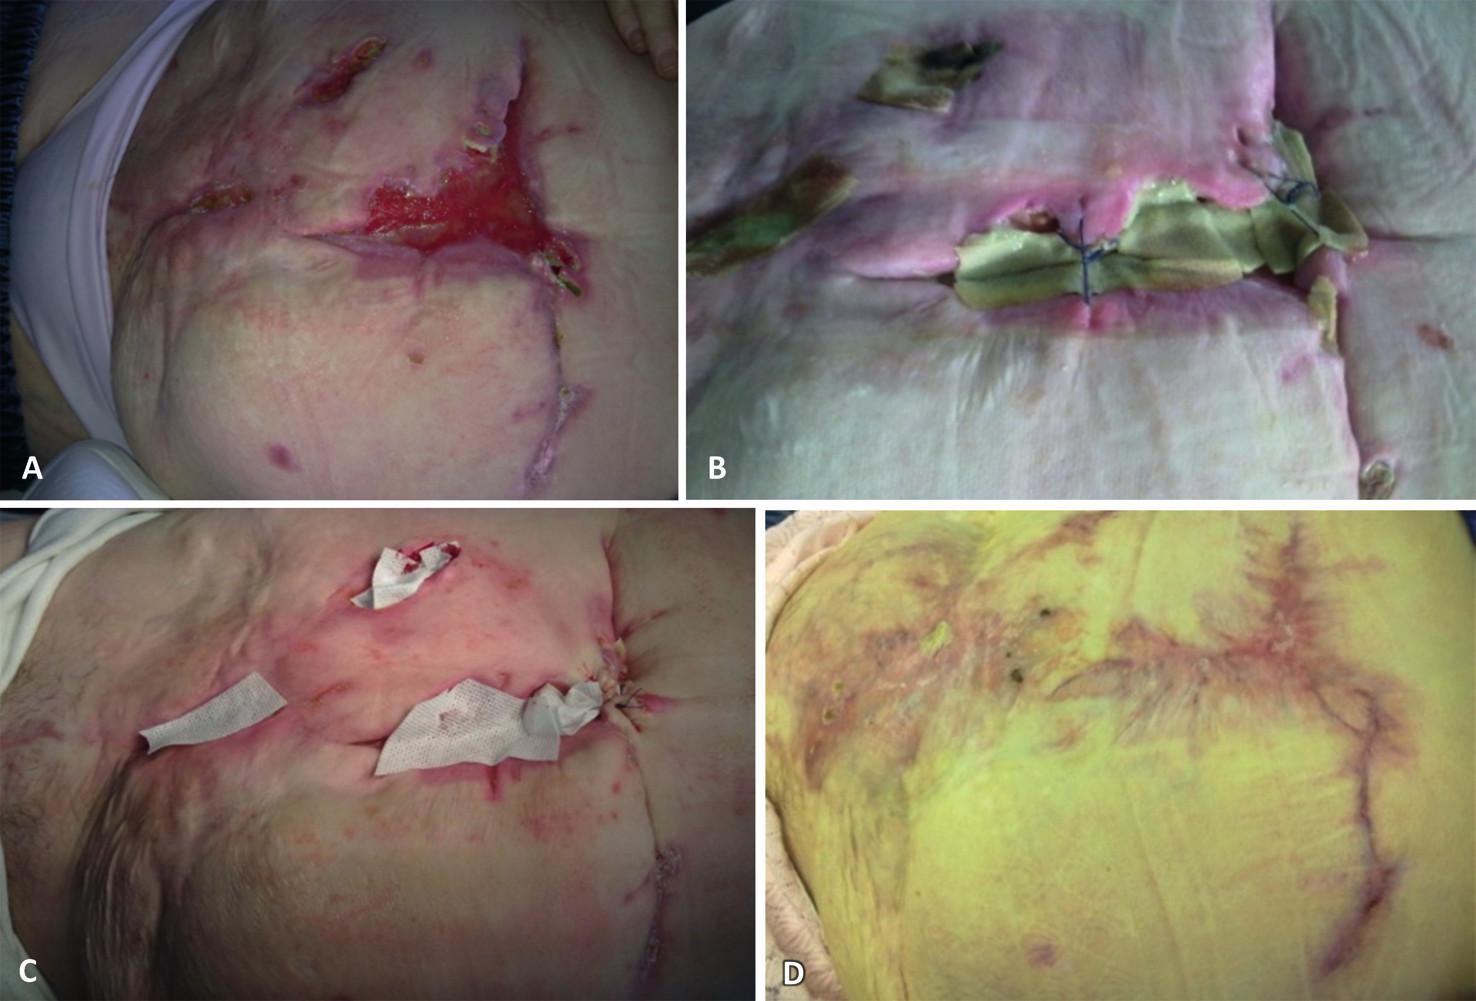 Komplikovaná postoperační rána léčená s použitím Hcel HT: (a) po vyčištění, (b) po dvou dnech před výměnou krytí, (c) po dvou dnech nové krytí, (d) vyhojený defekt